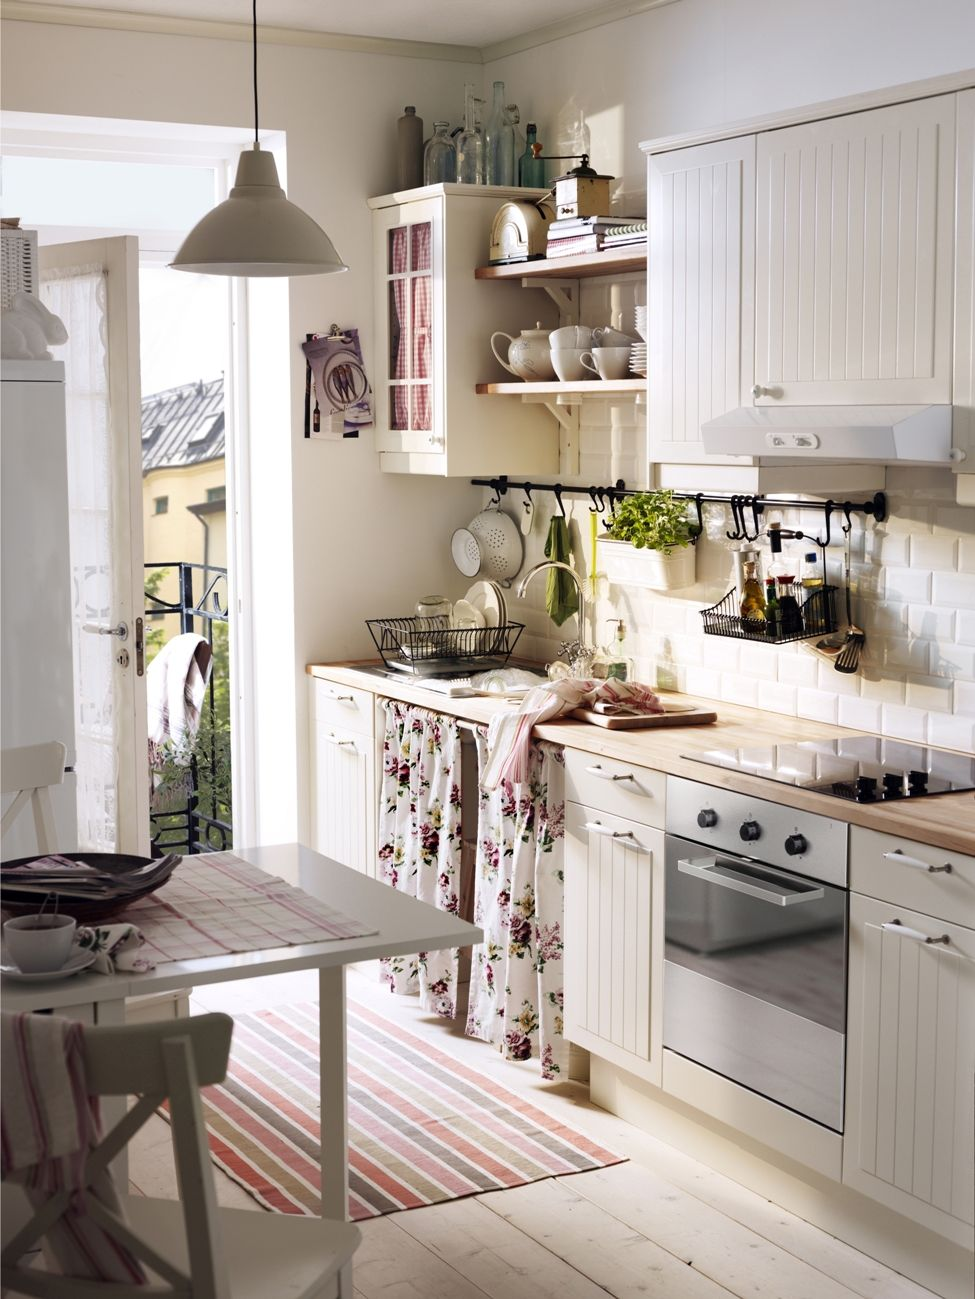 Дизайн кухни ИКЕА - 23 интерьера с фотографиями | Cocinas ...